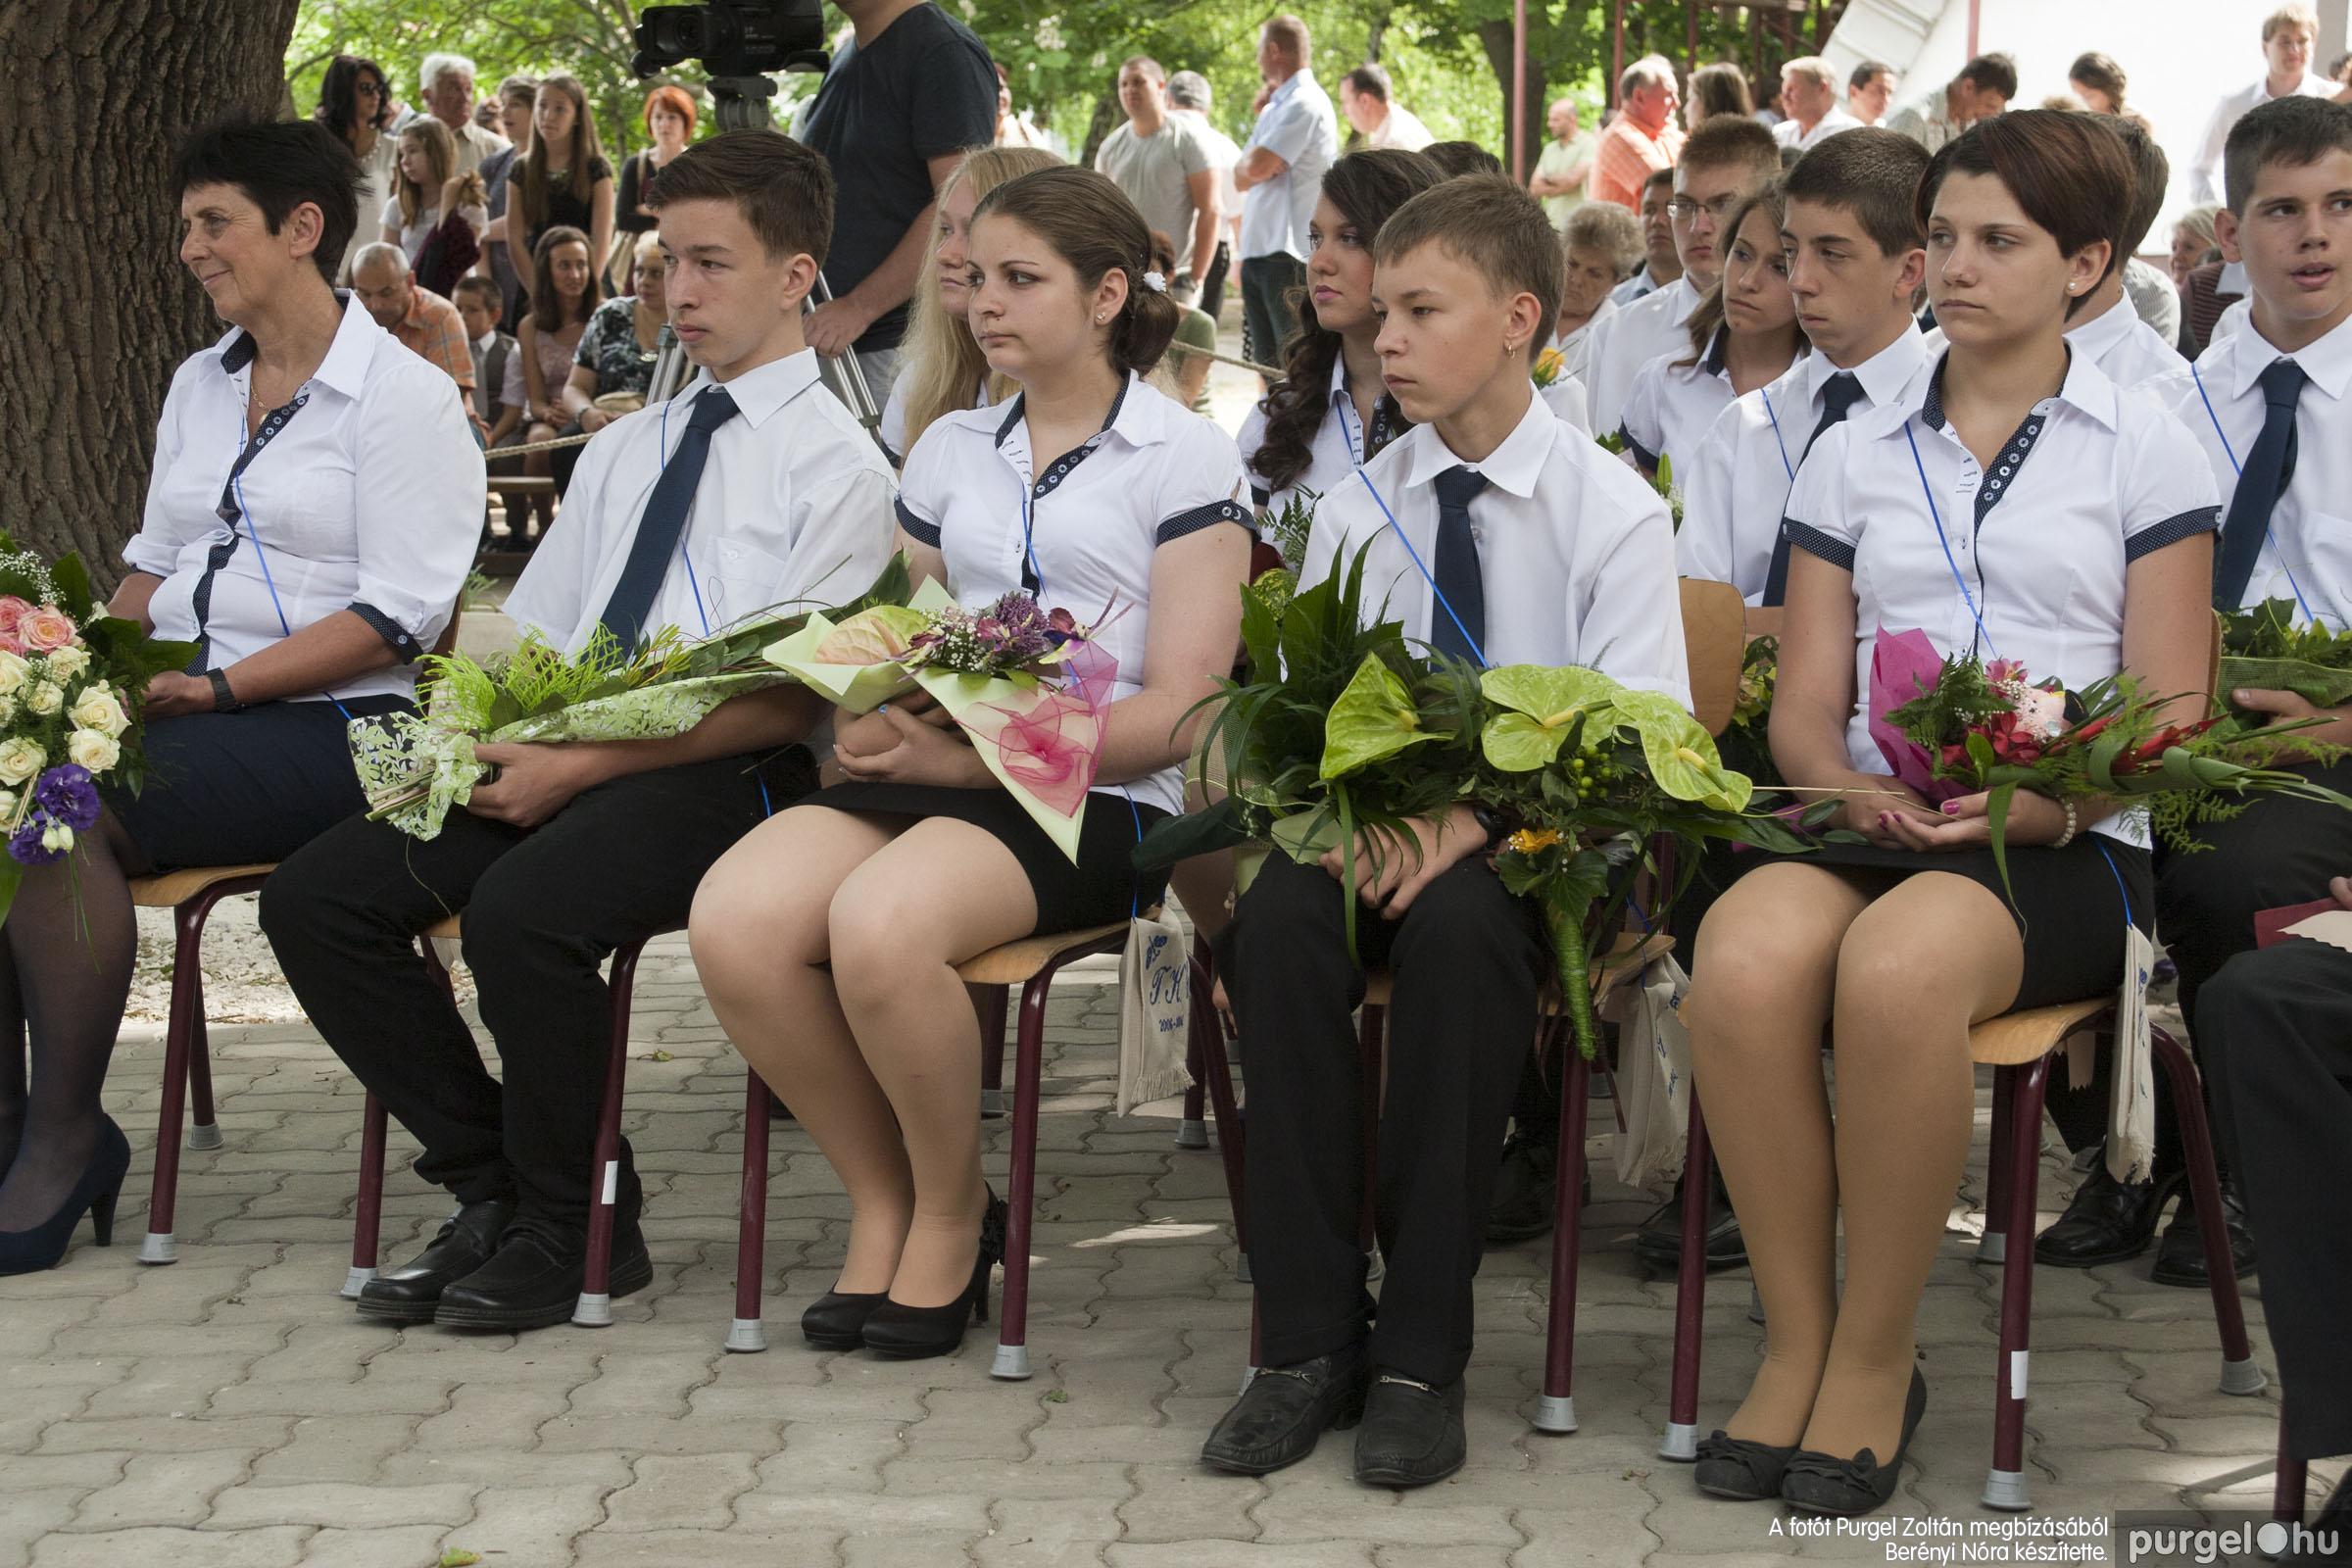 2014.06.14. 175 Forray Máté Általános Iskola ballagás 2014. - Fotó:BERÉNYI NÓRA© _MG_5795.jpg